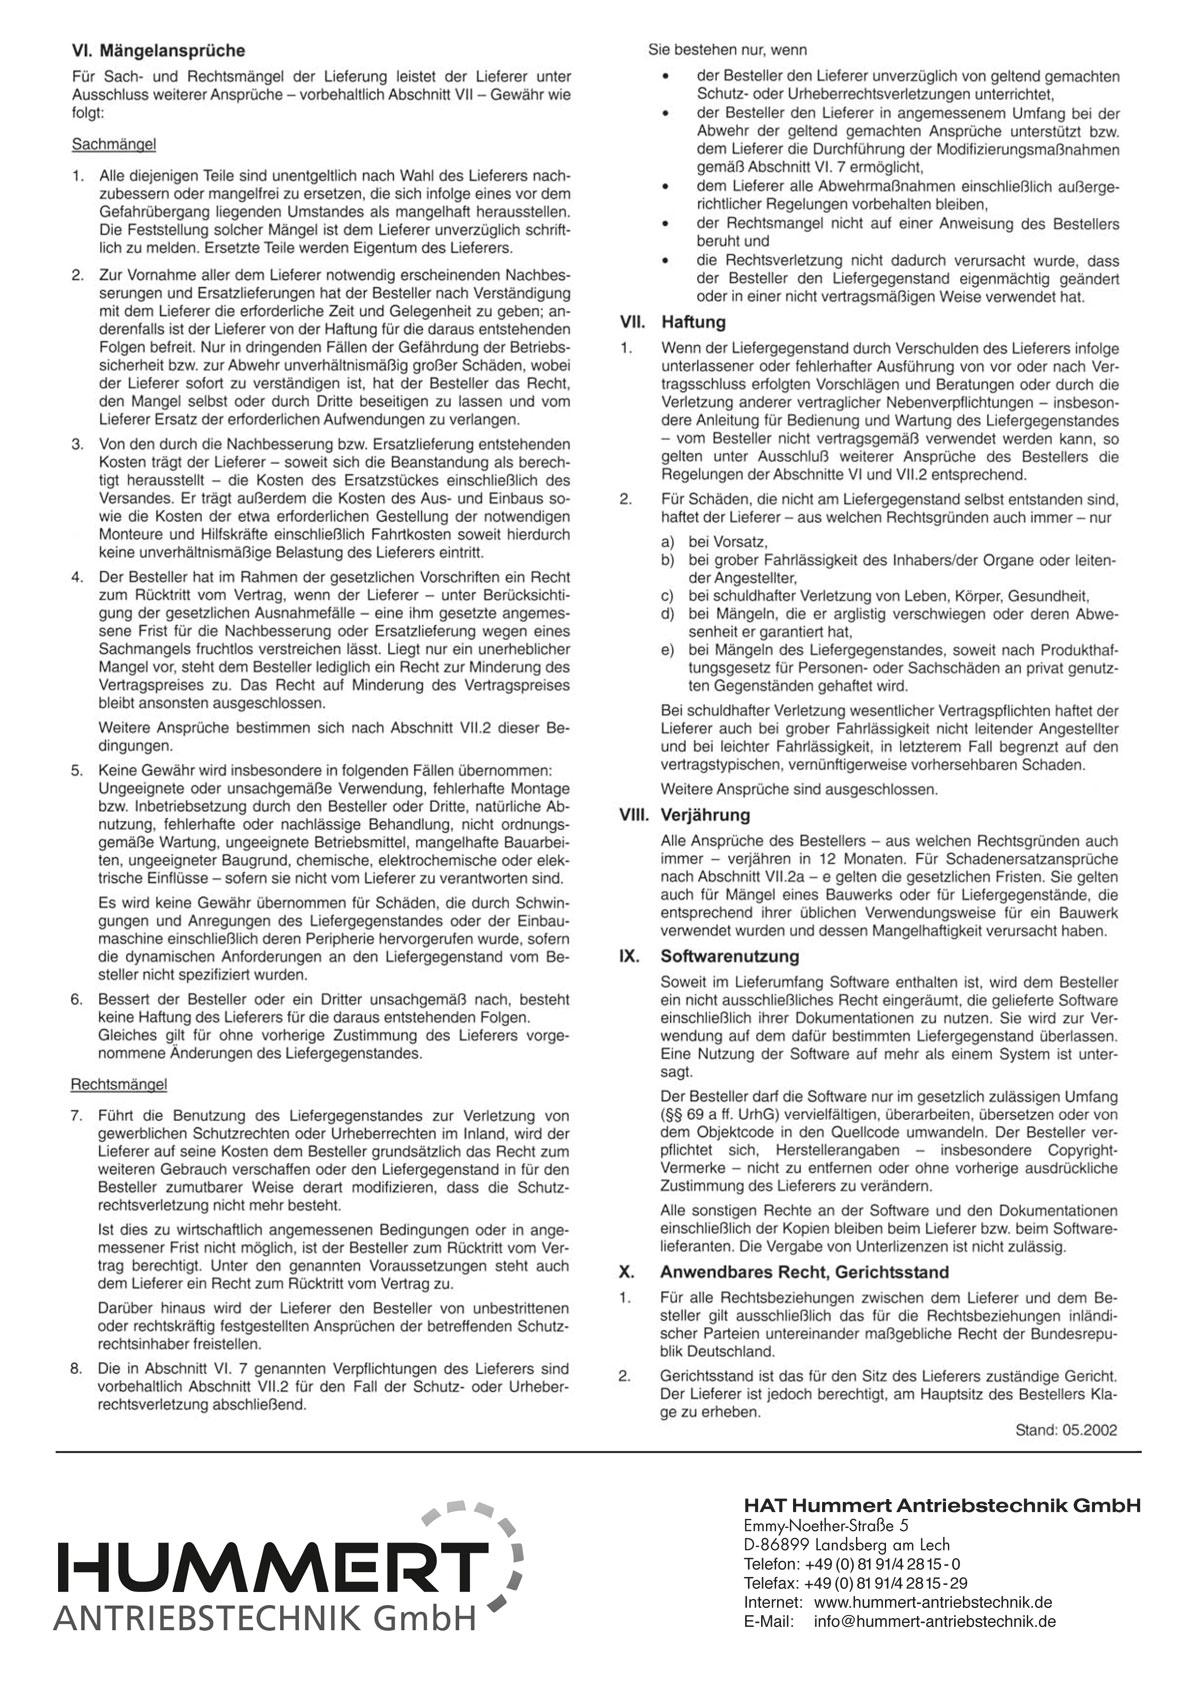 AGB Hummert Antriebstechnik GmbH, Seite 2